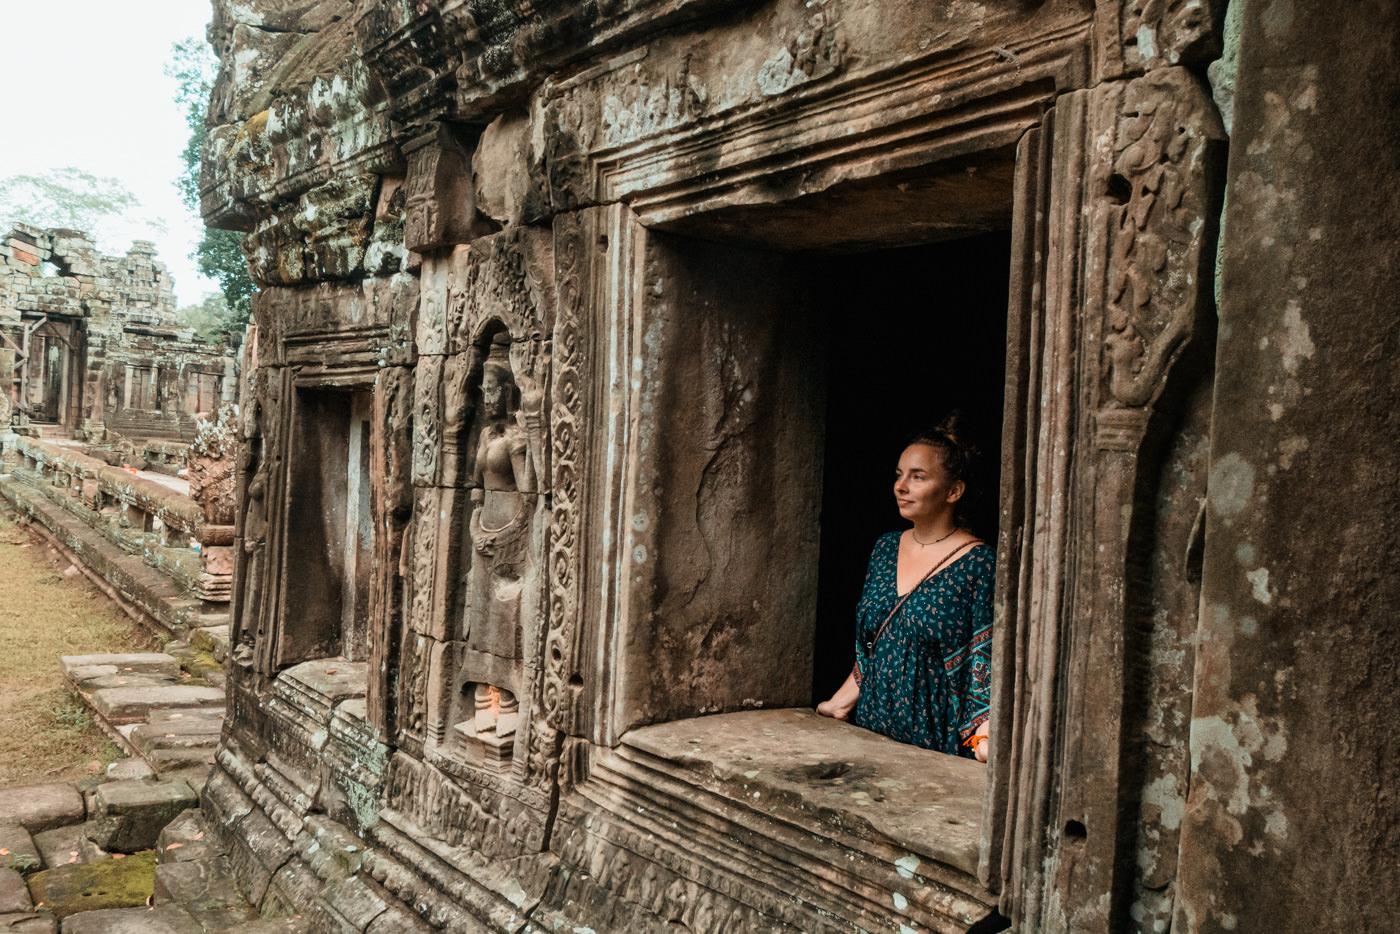 Julia am Fenster, Banteay Kdei, Angkor Wat, Kambodscha